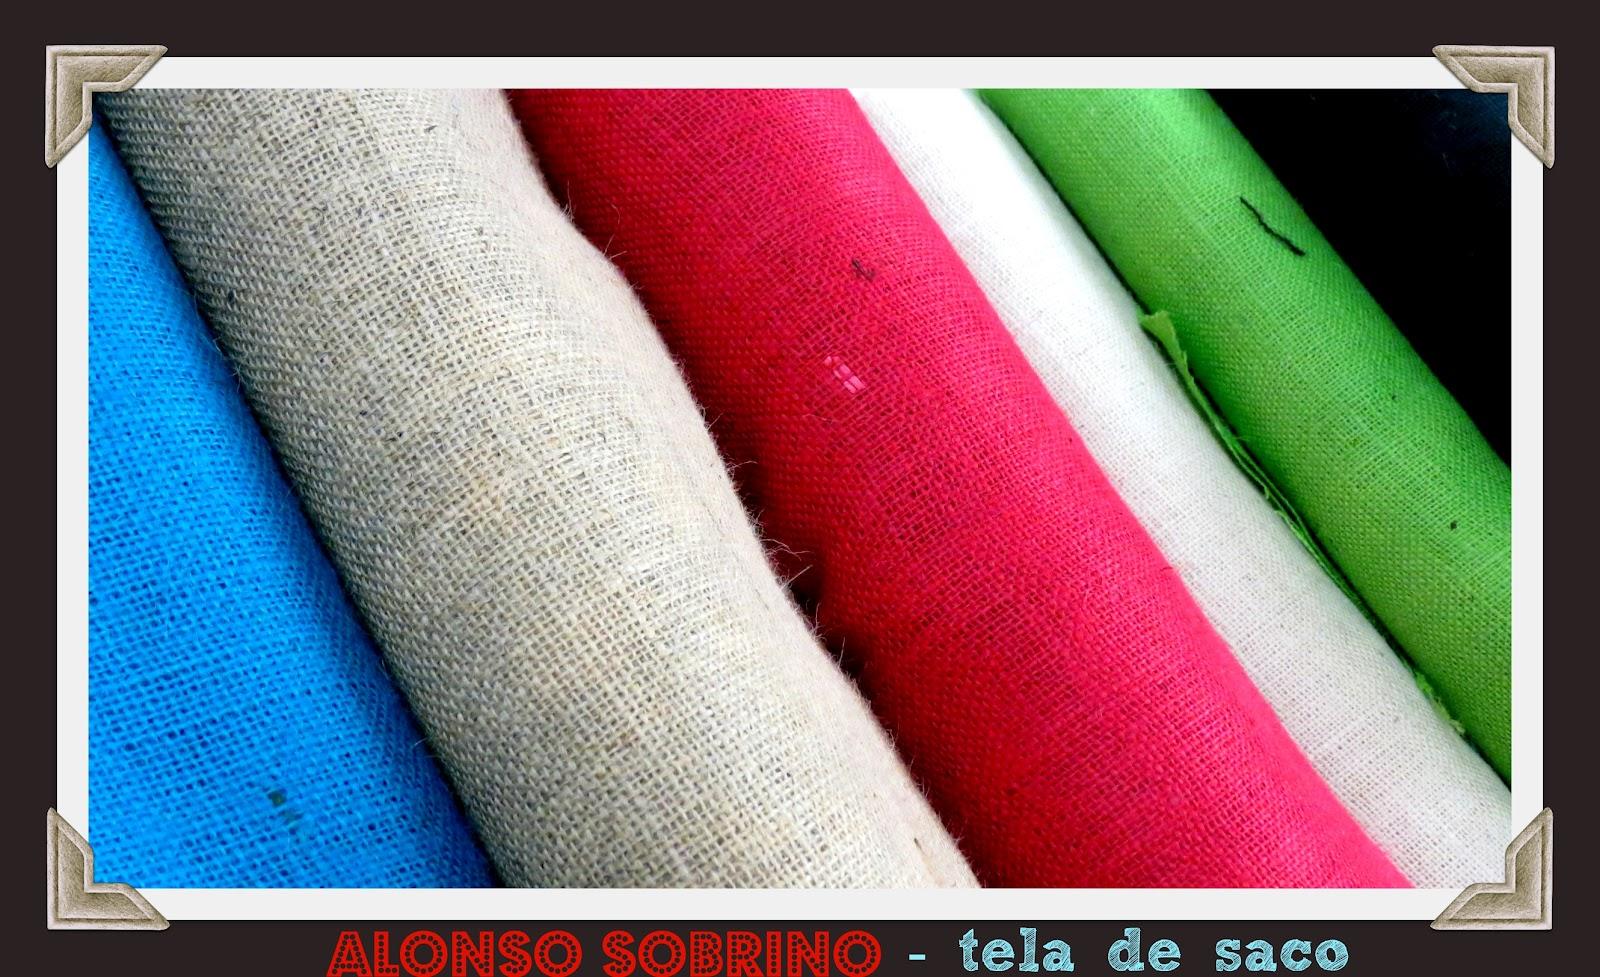 Alonso sobrino blog tela de saco - Manualidades con tela de saco ...